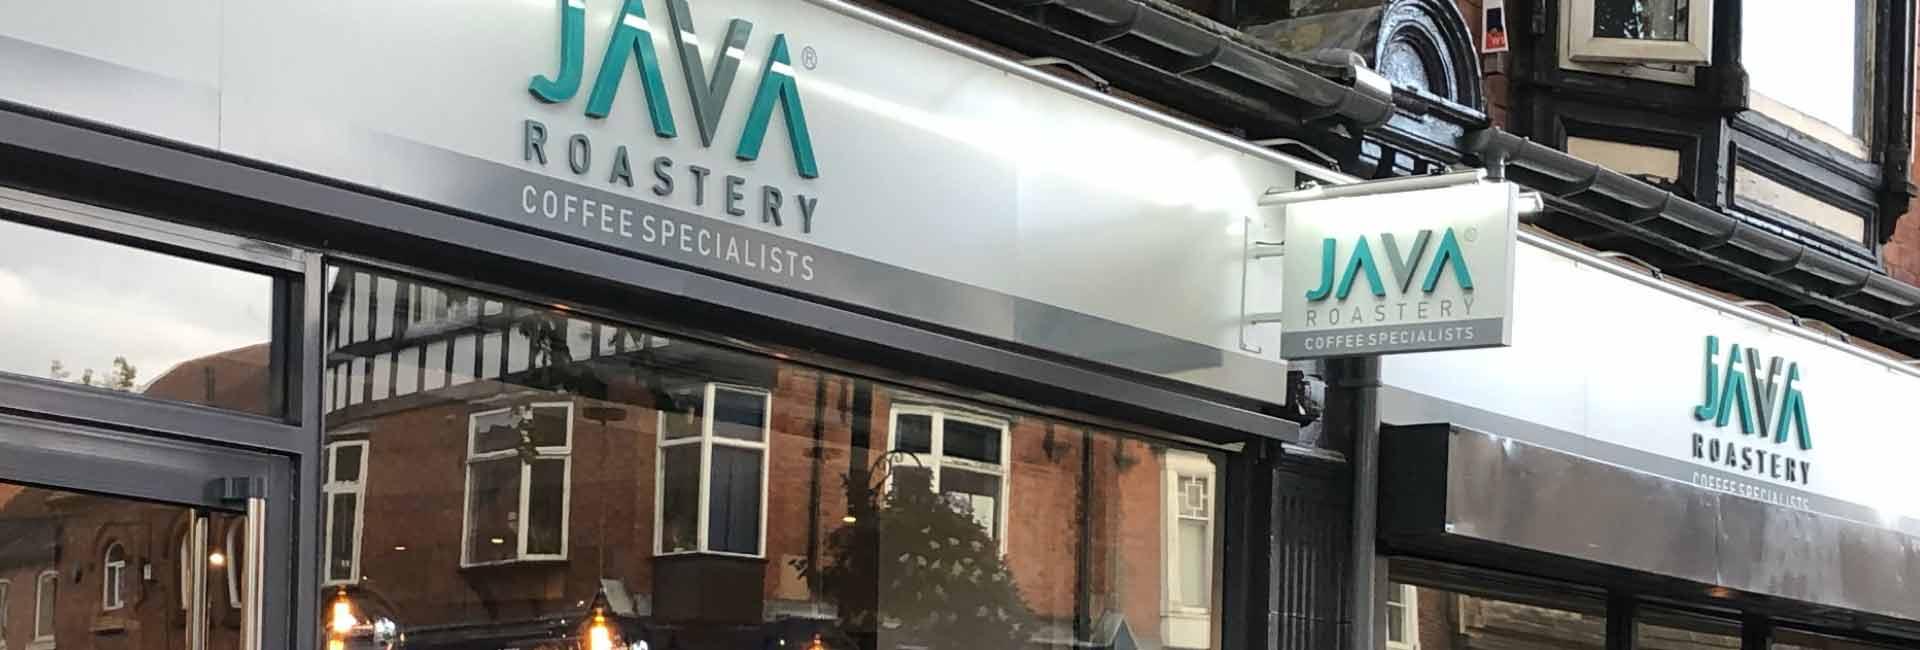 Java Roastery design identity Burton on Trent